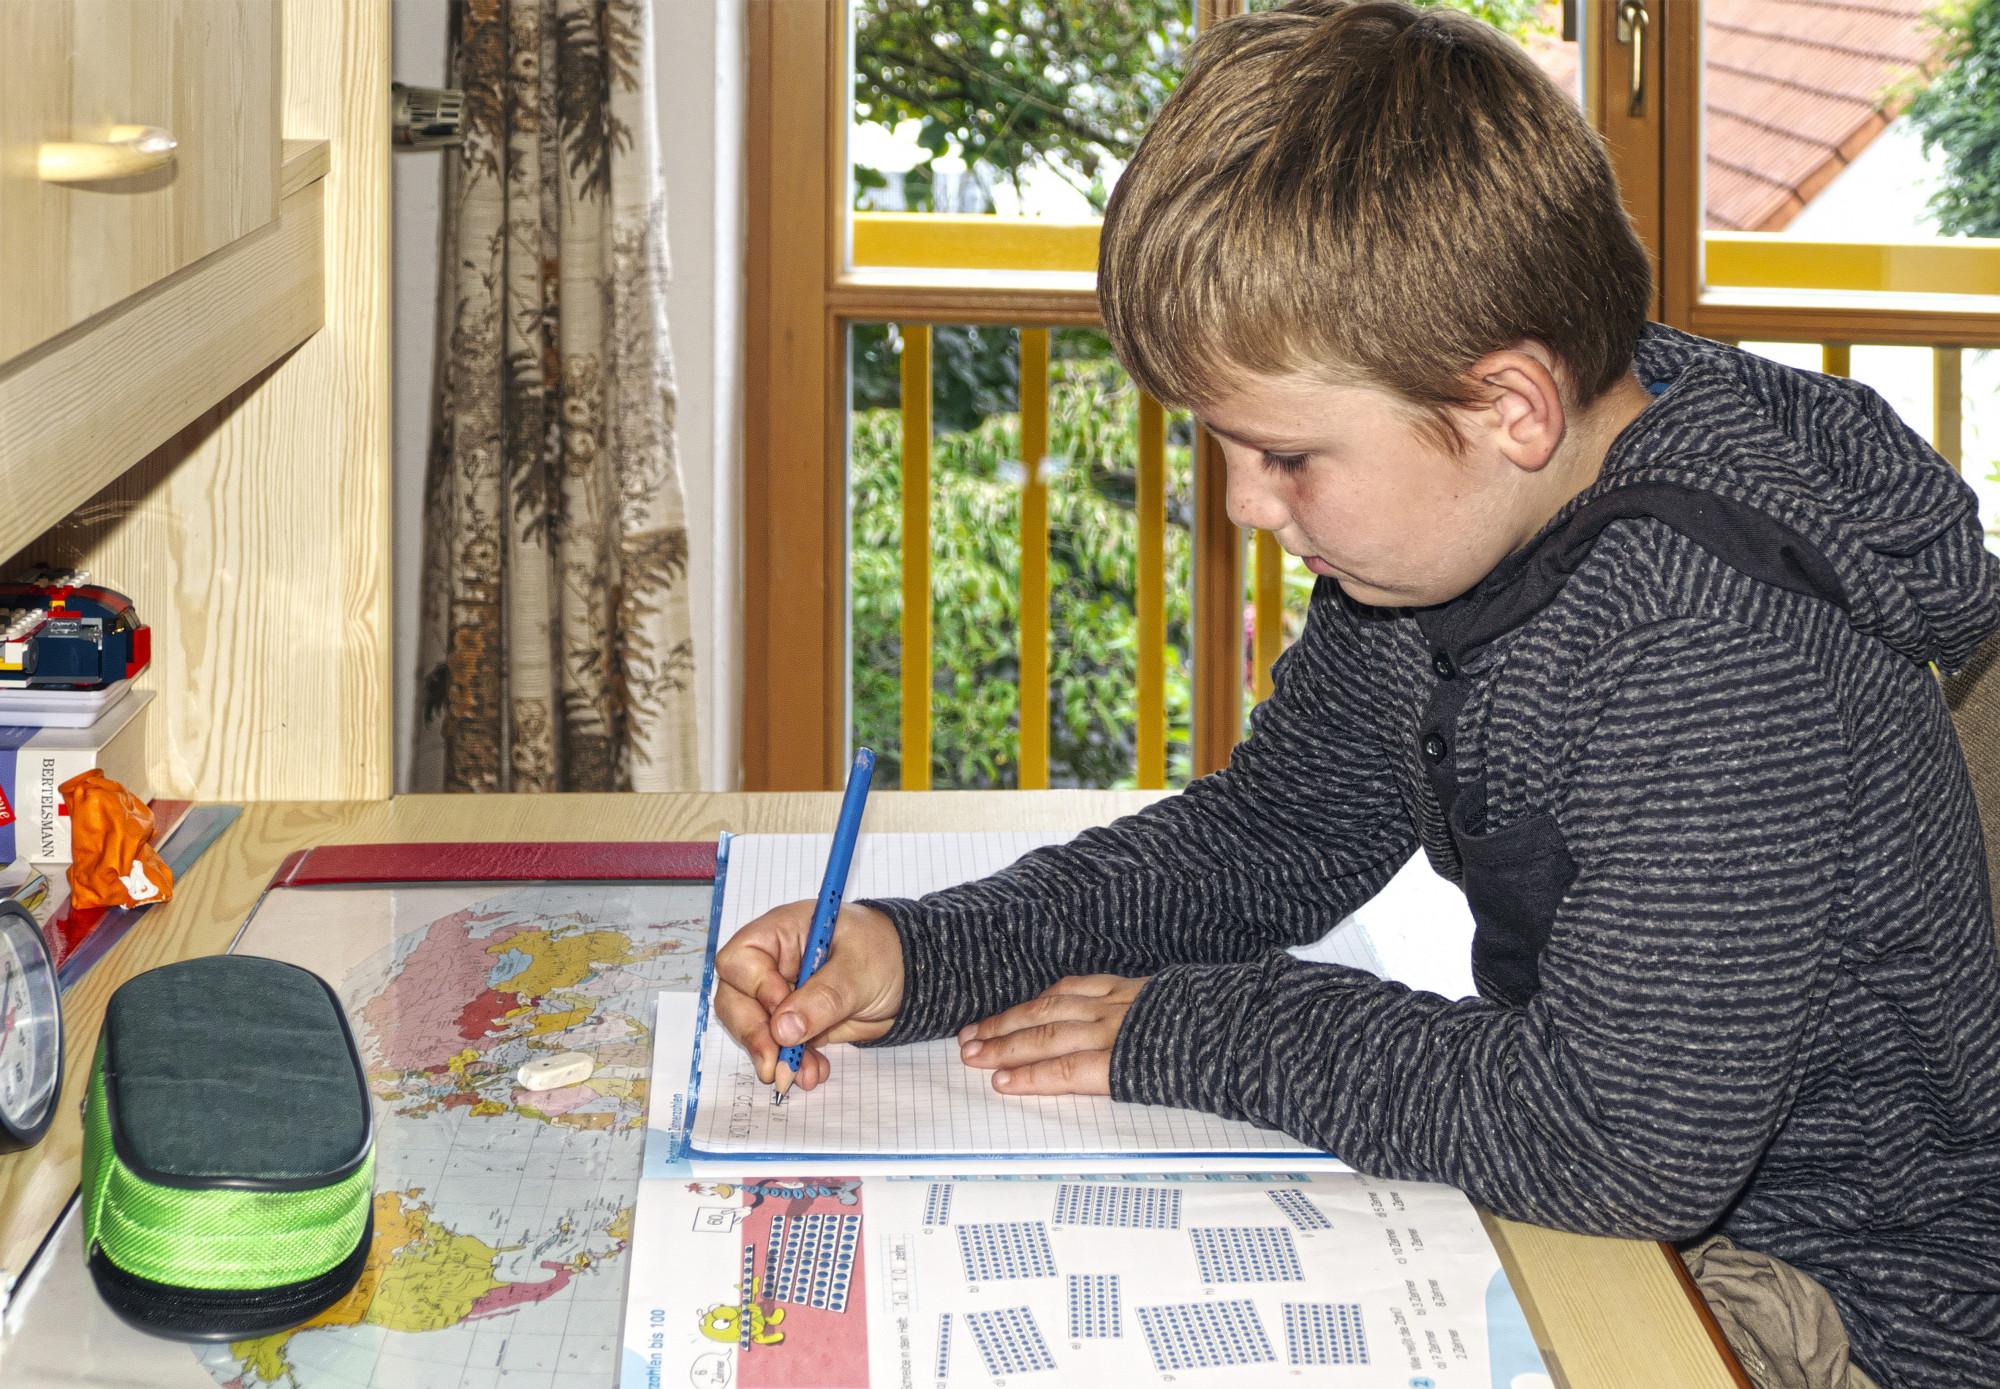 El método Montessori para la educación en casa